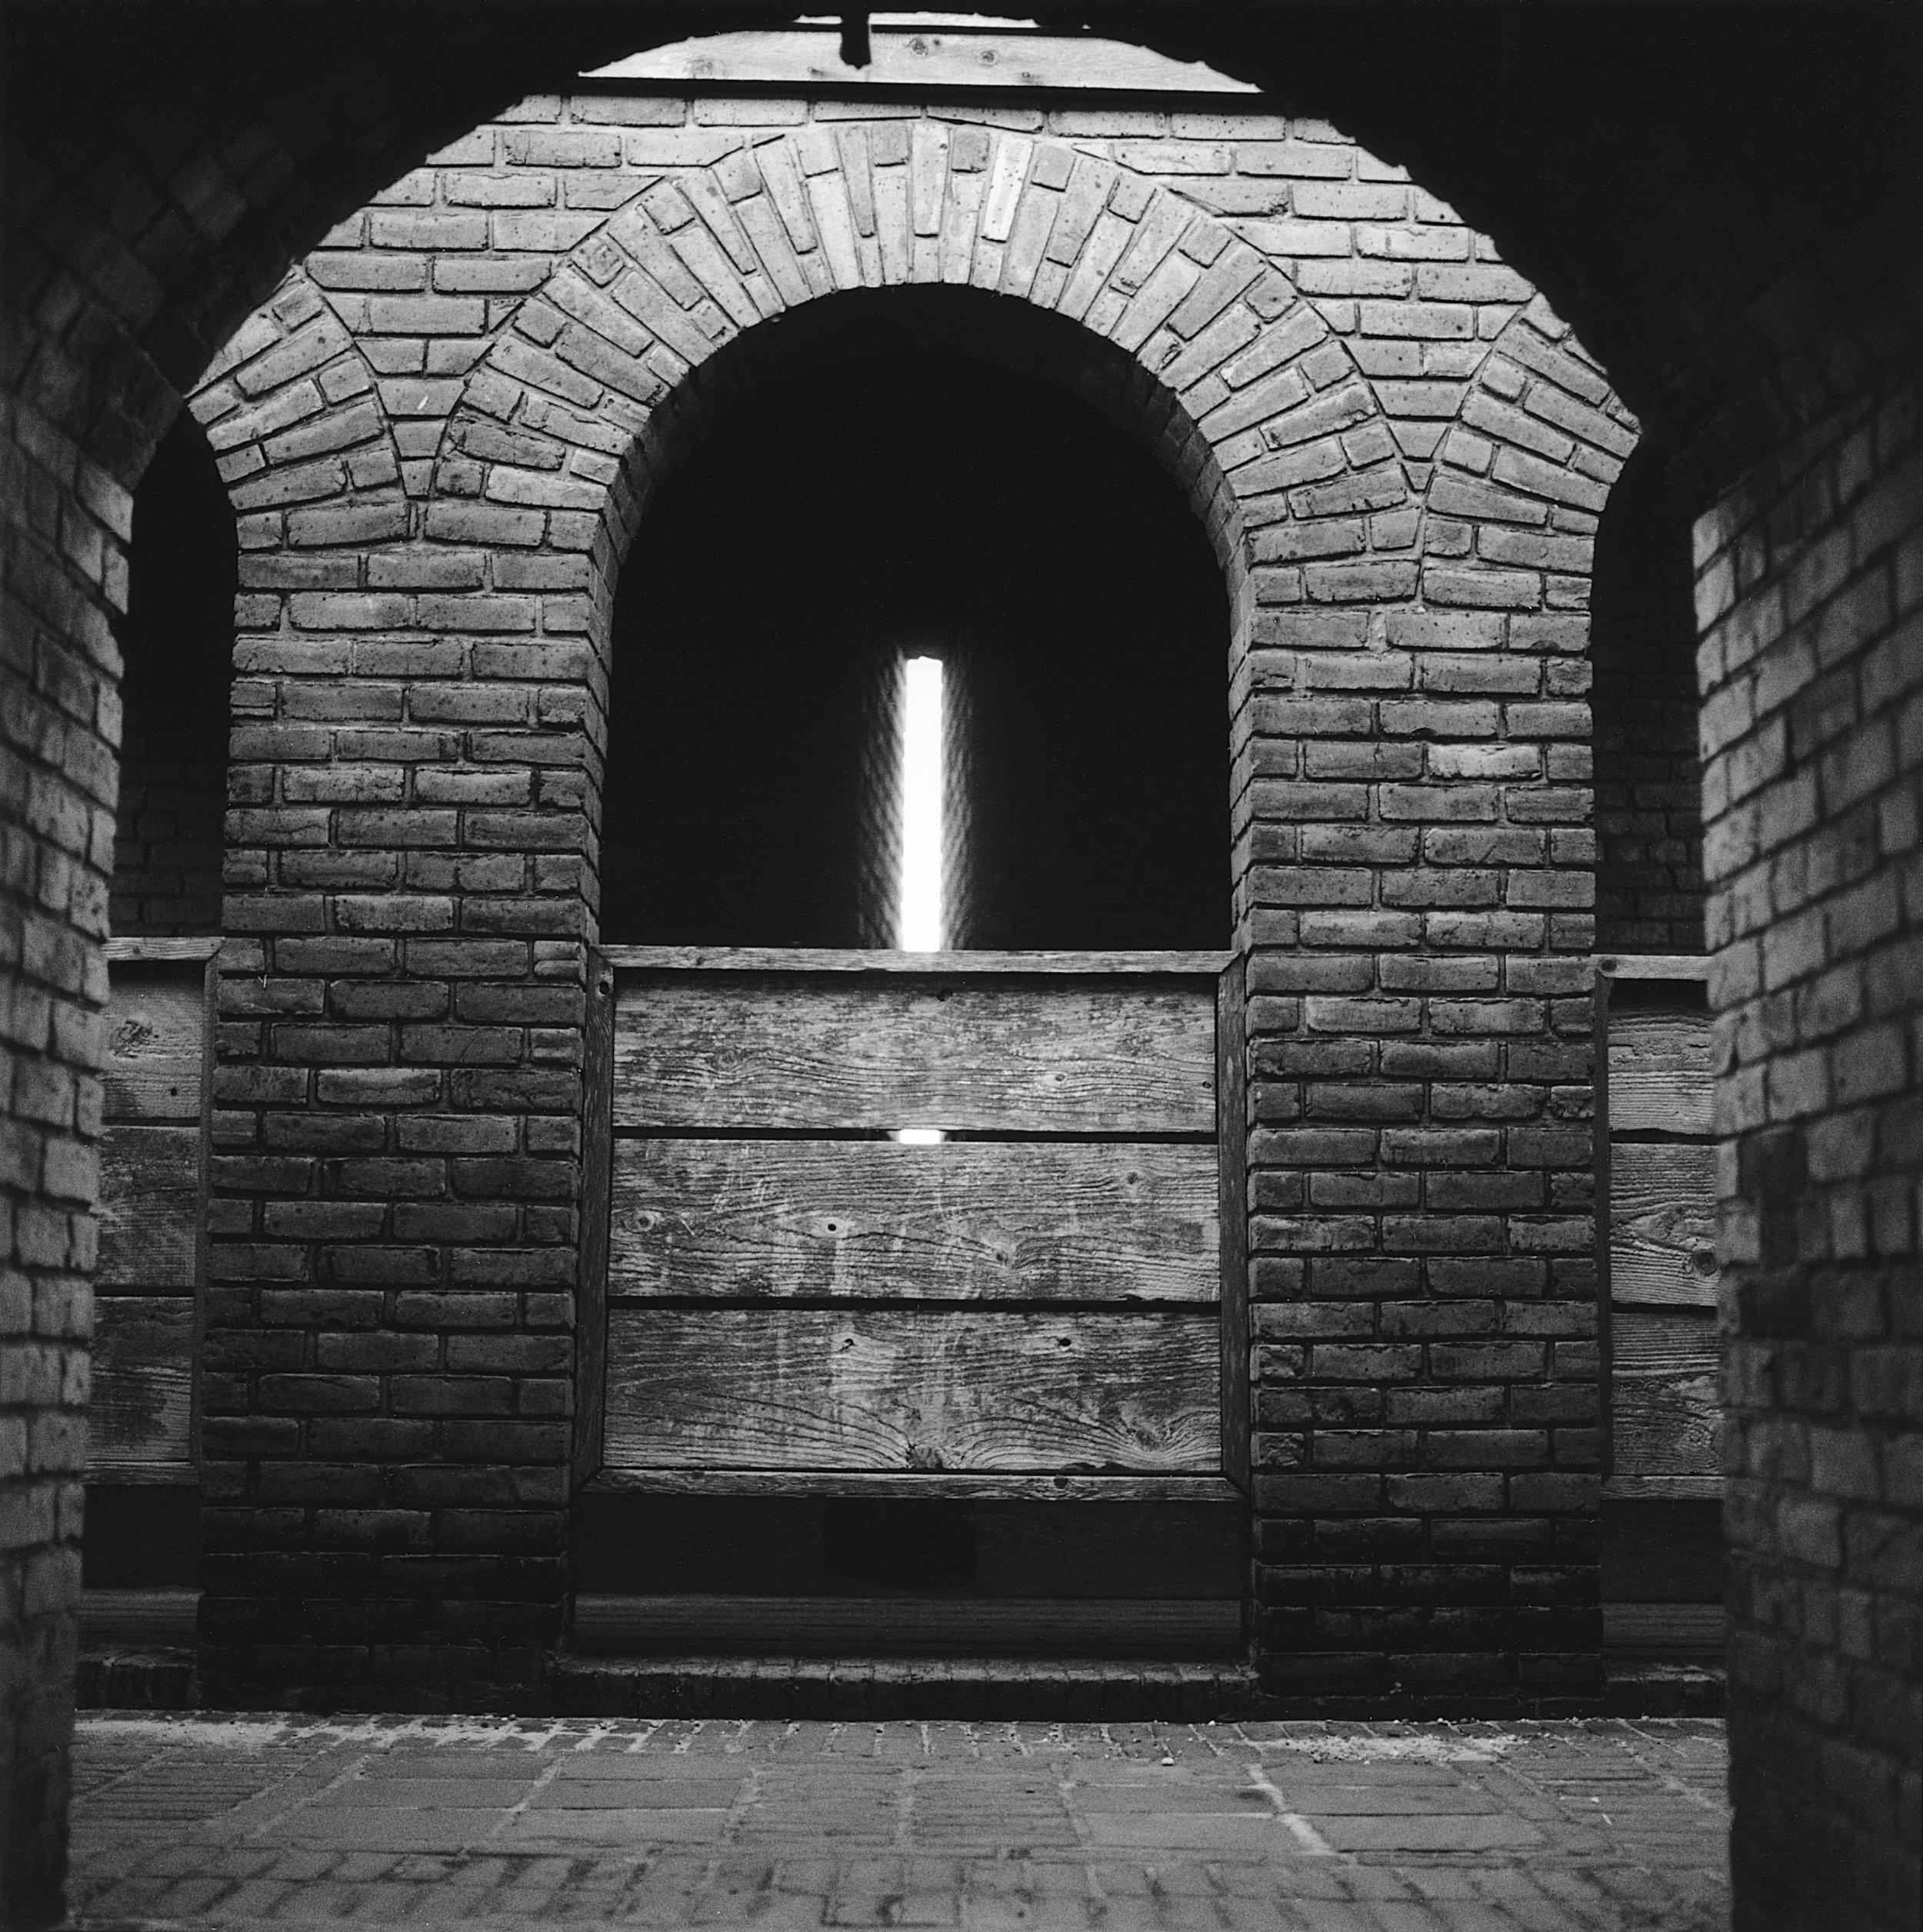 Interior Fort Gaines, Alabama, 2003